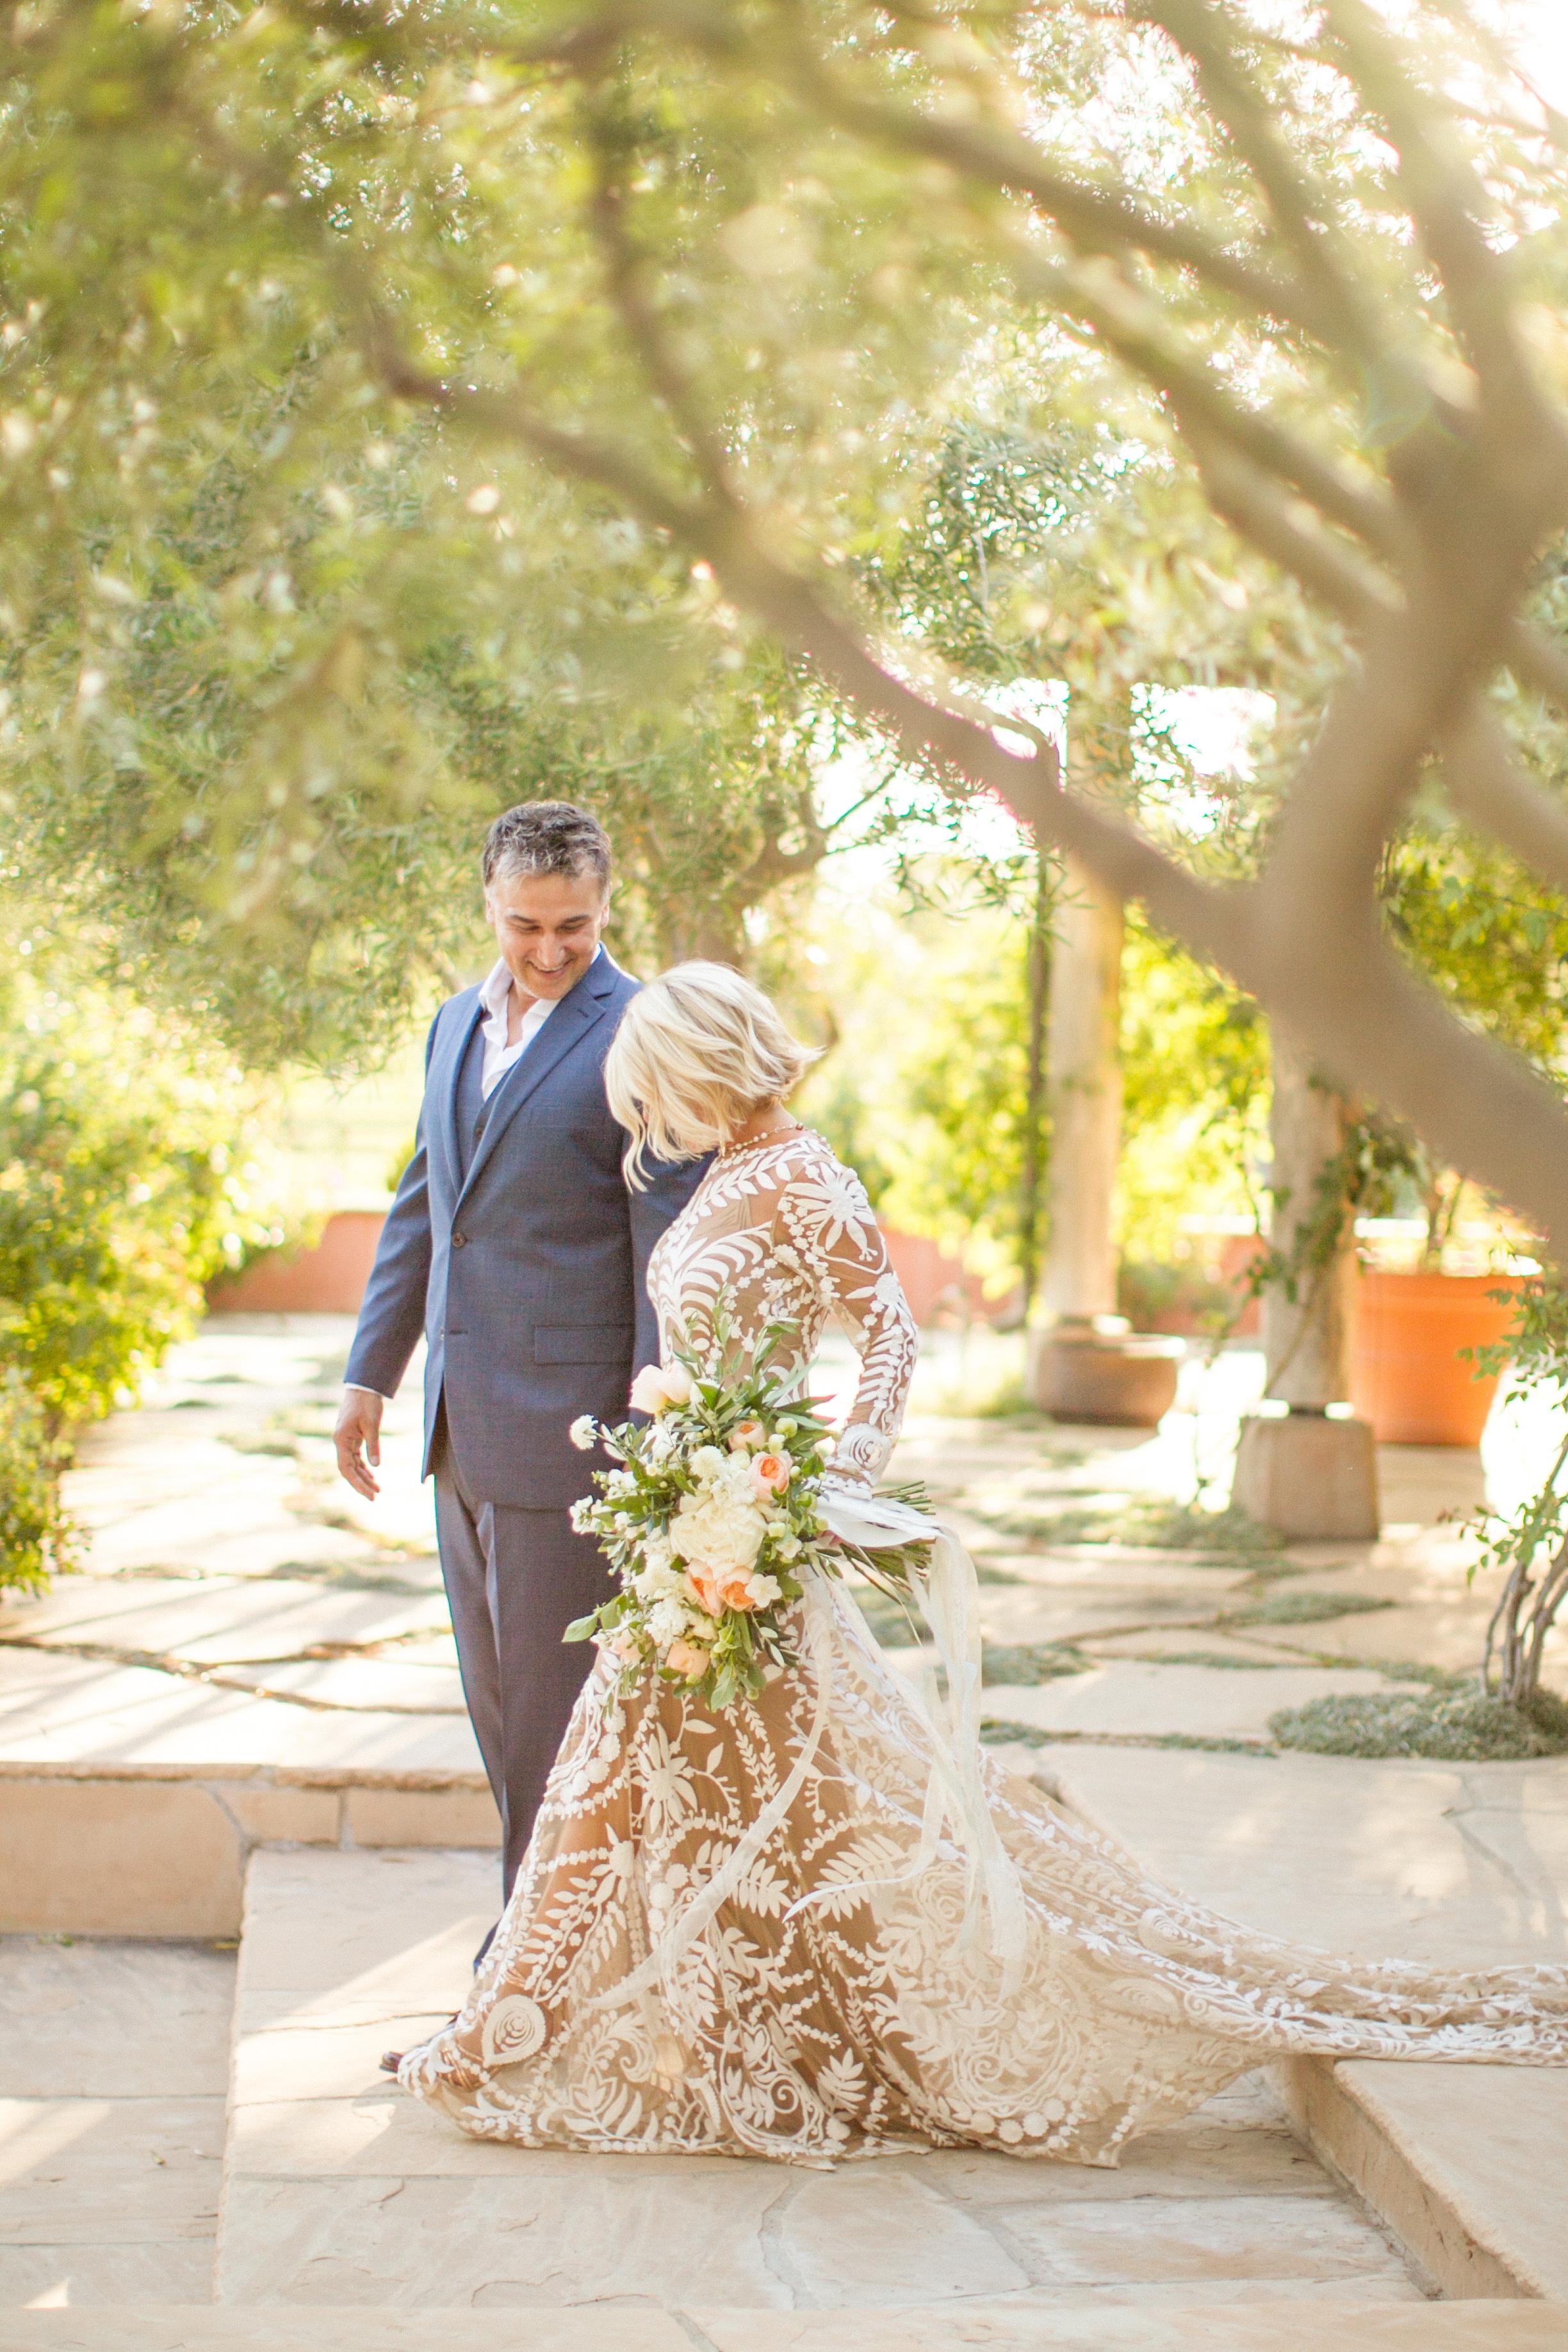 www.santabarbarawedding.com | Atelier de La Fleur Weddings & Events | Mike Larson | Bride and Groom